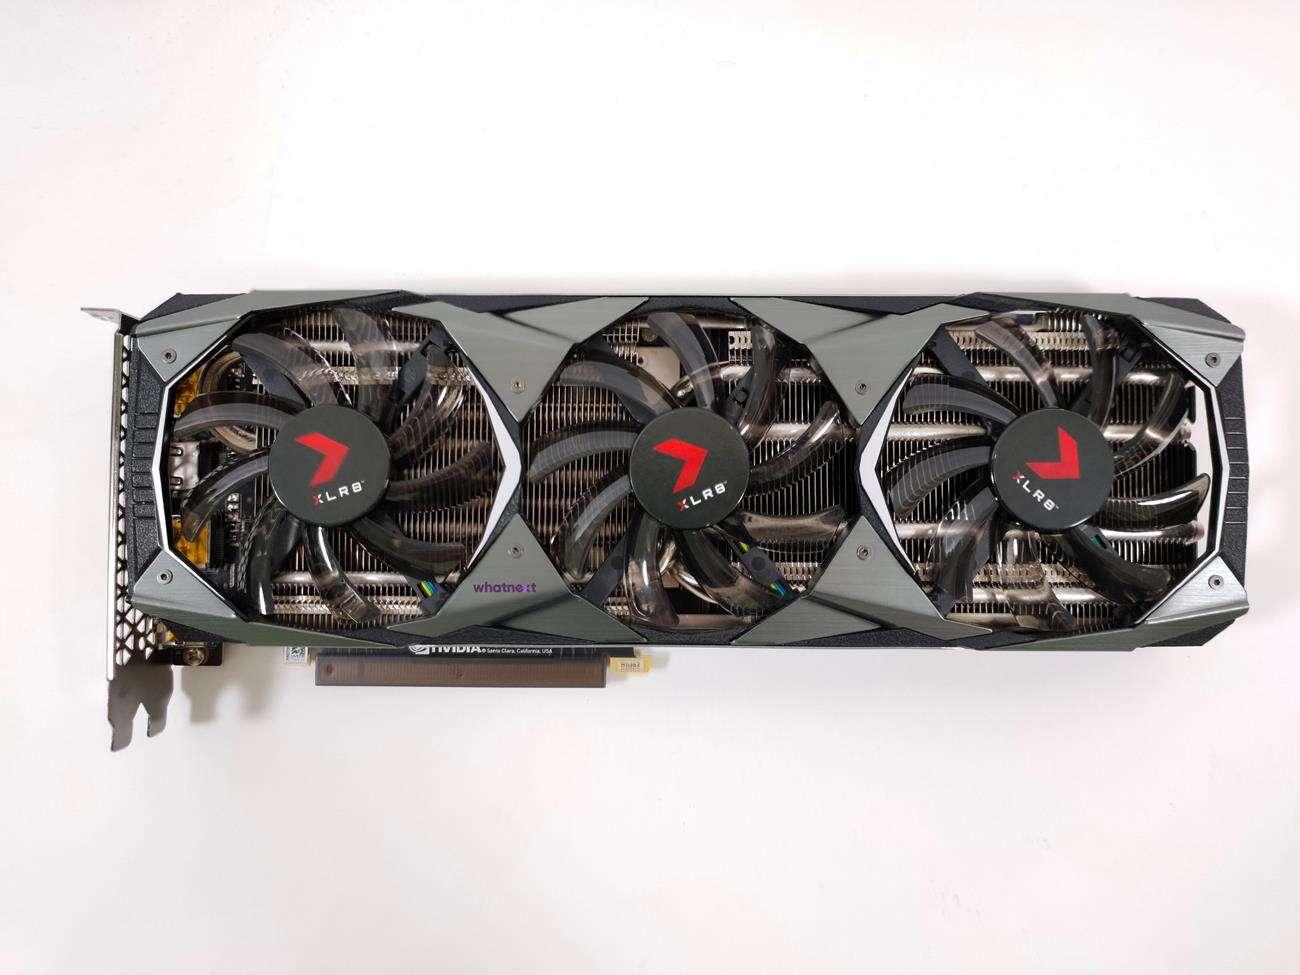 test PNY GeForce RTX 2070 SUPER 8GB XLR8 Gaming OC, recenzja PNY GeForce RTX 2070 SUPER 8GB XLR8 Gaming OC, review PNY GeForce RTX 2070 SUPER 8GB XLR8 Gaming OC, opinia PNY GeForce RTX 2070 SUPER 8GB XLR8 Gaming OC